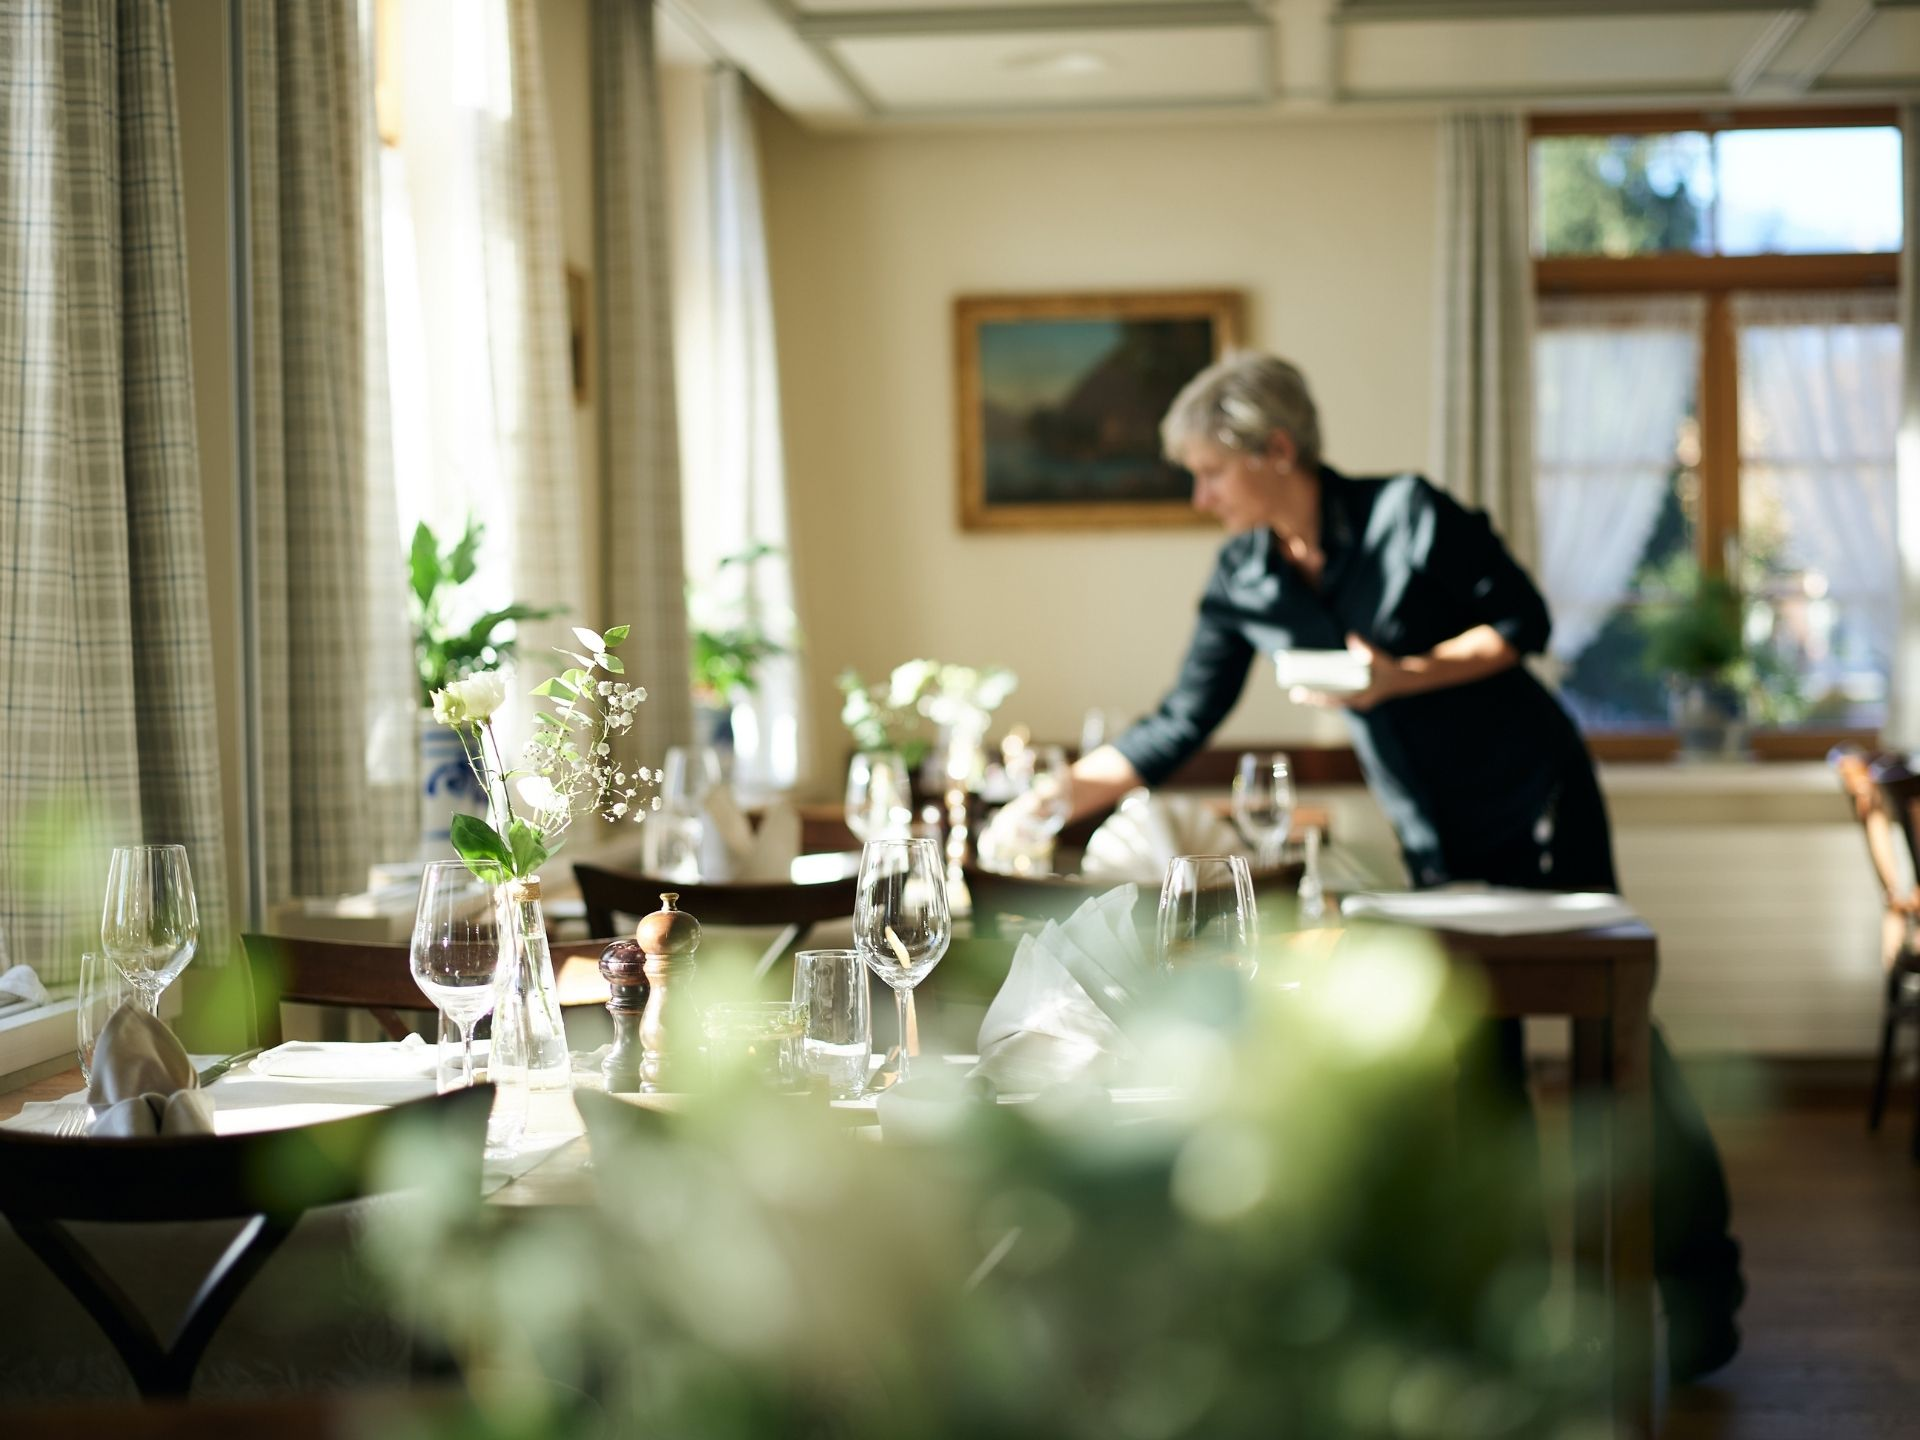 Frau dekoriert Tisch in Restaurant